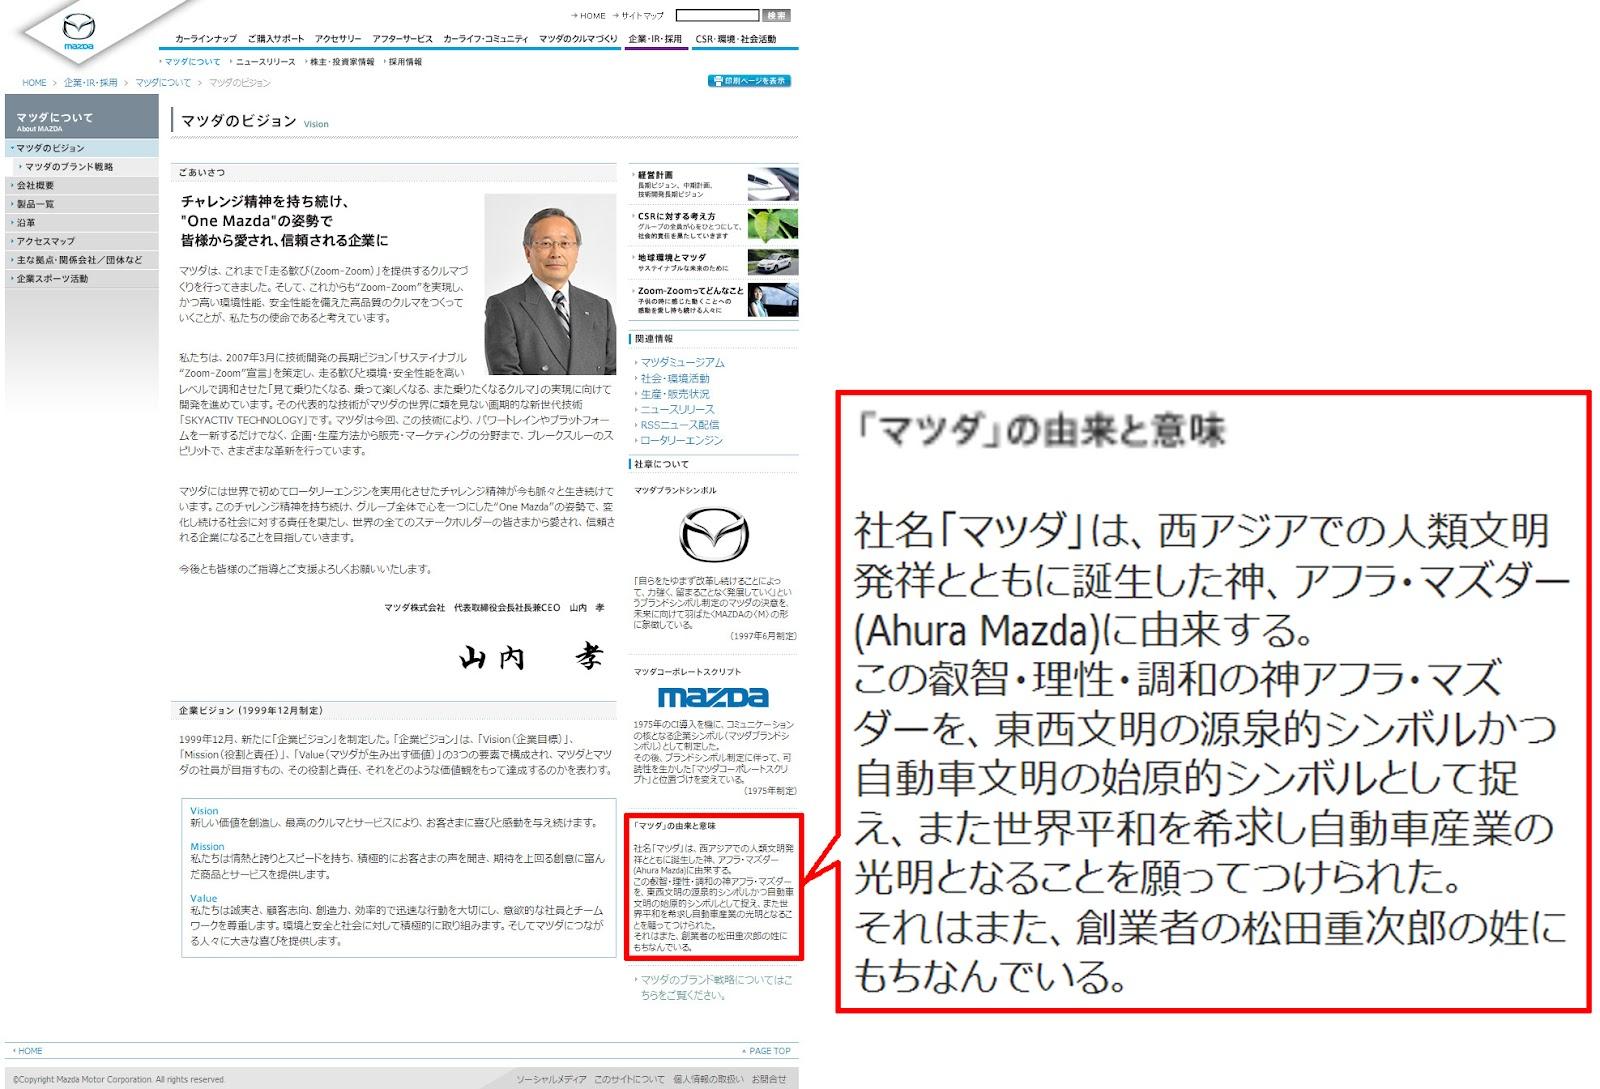 MAZDAの公式サイト(2012年7月現在)にも、ハッキリと記載されています。 Wikipedia:ゾロアスター教